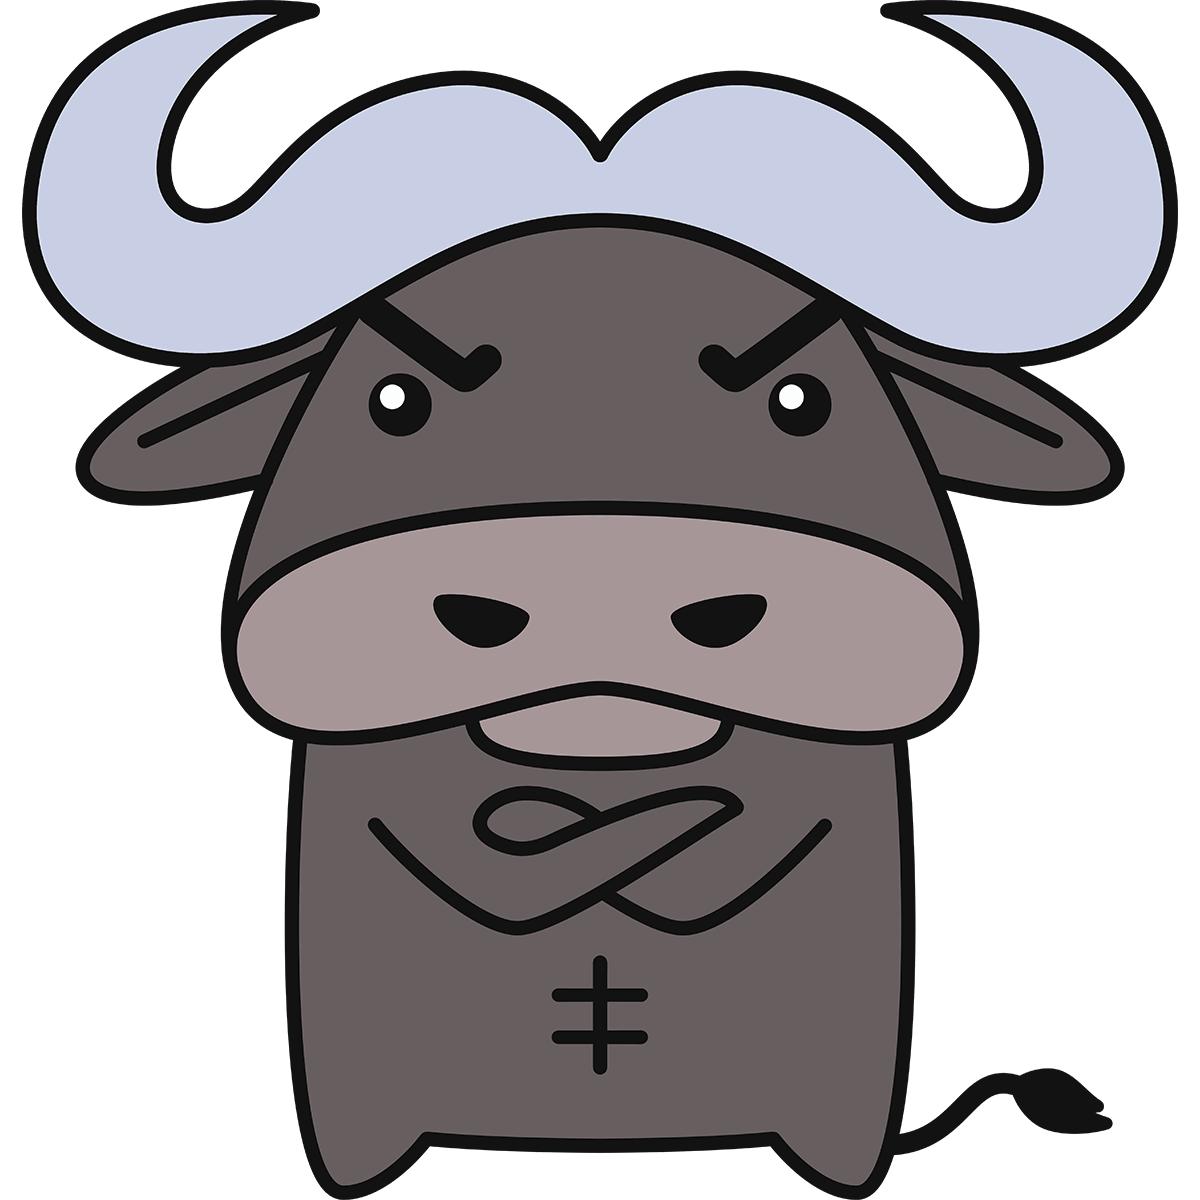 バッファロー・水牛(ゴロー)の無料イラスト